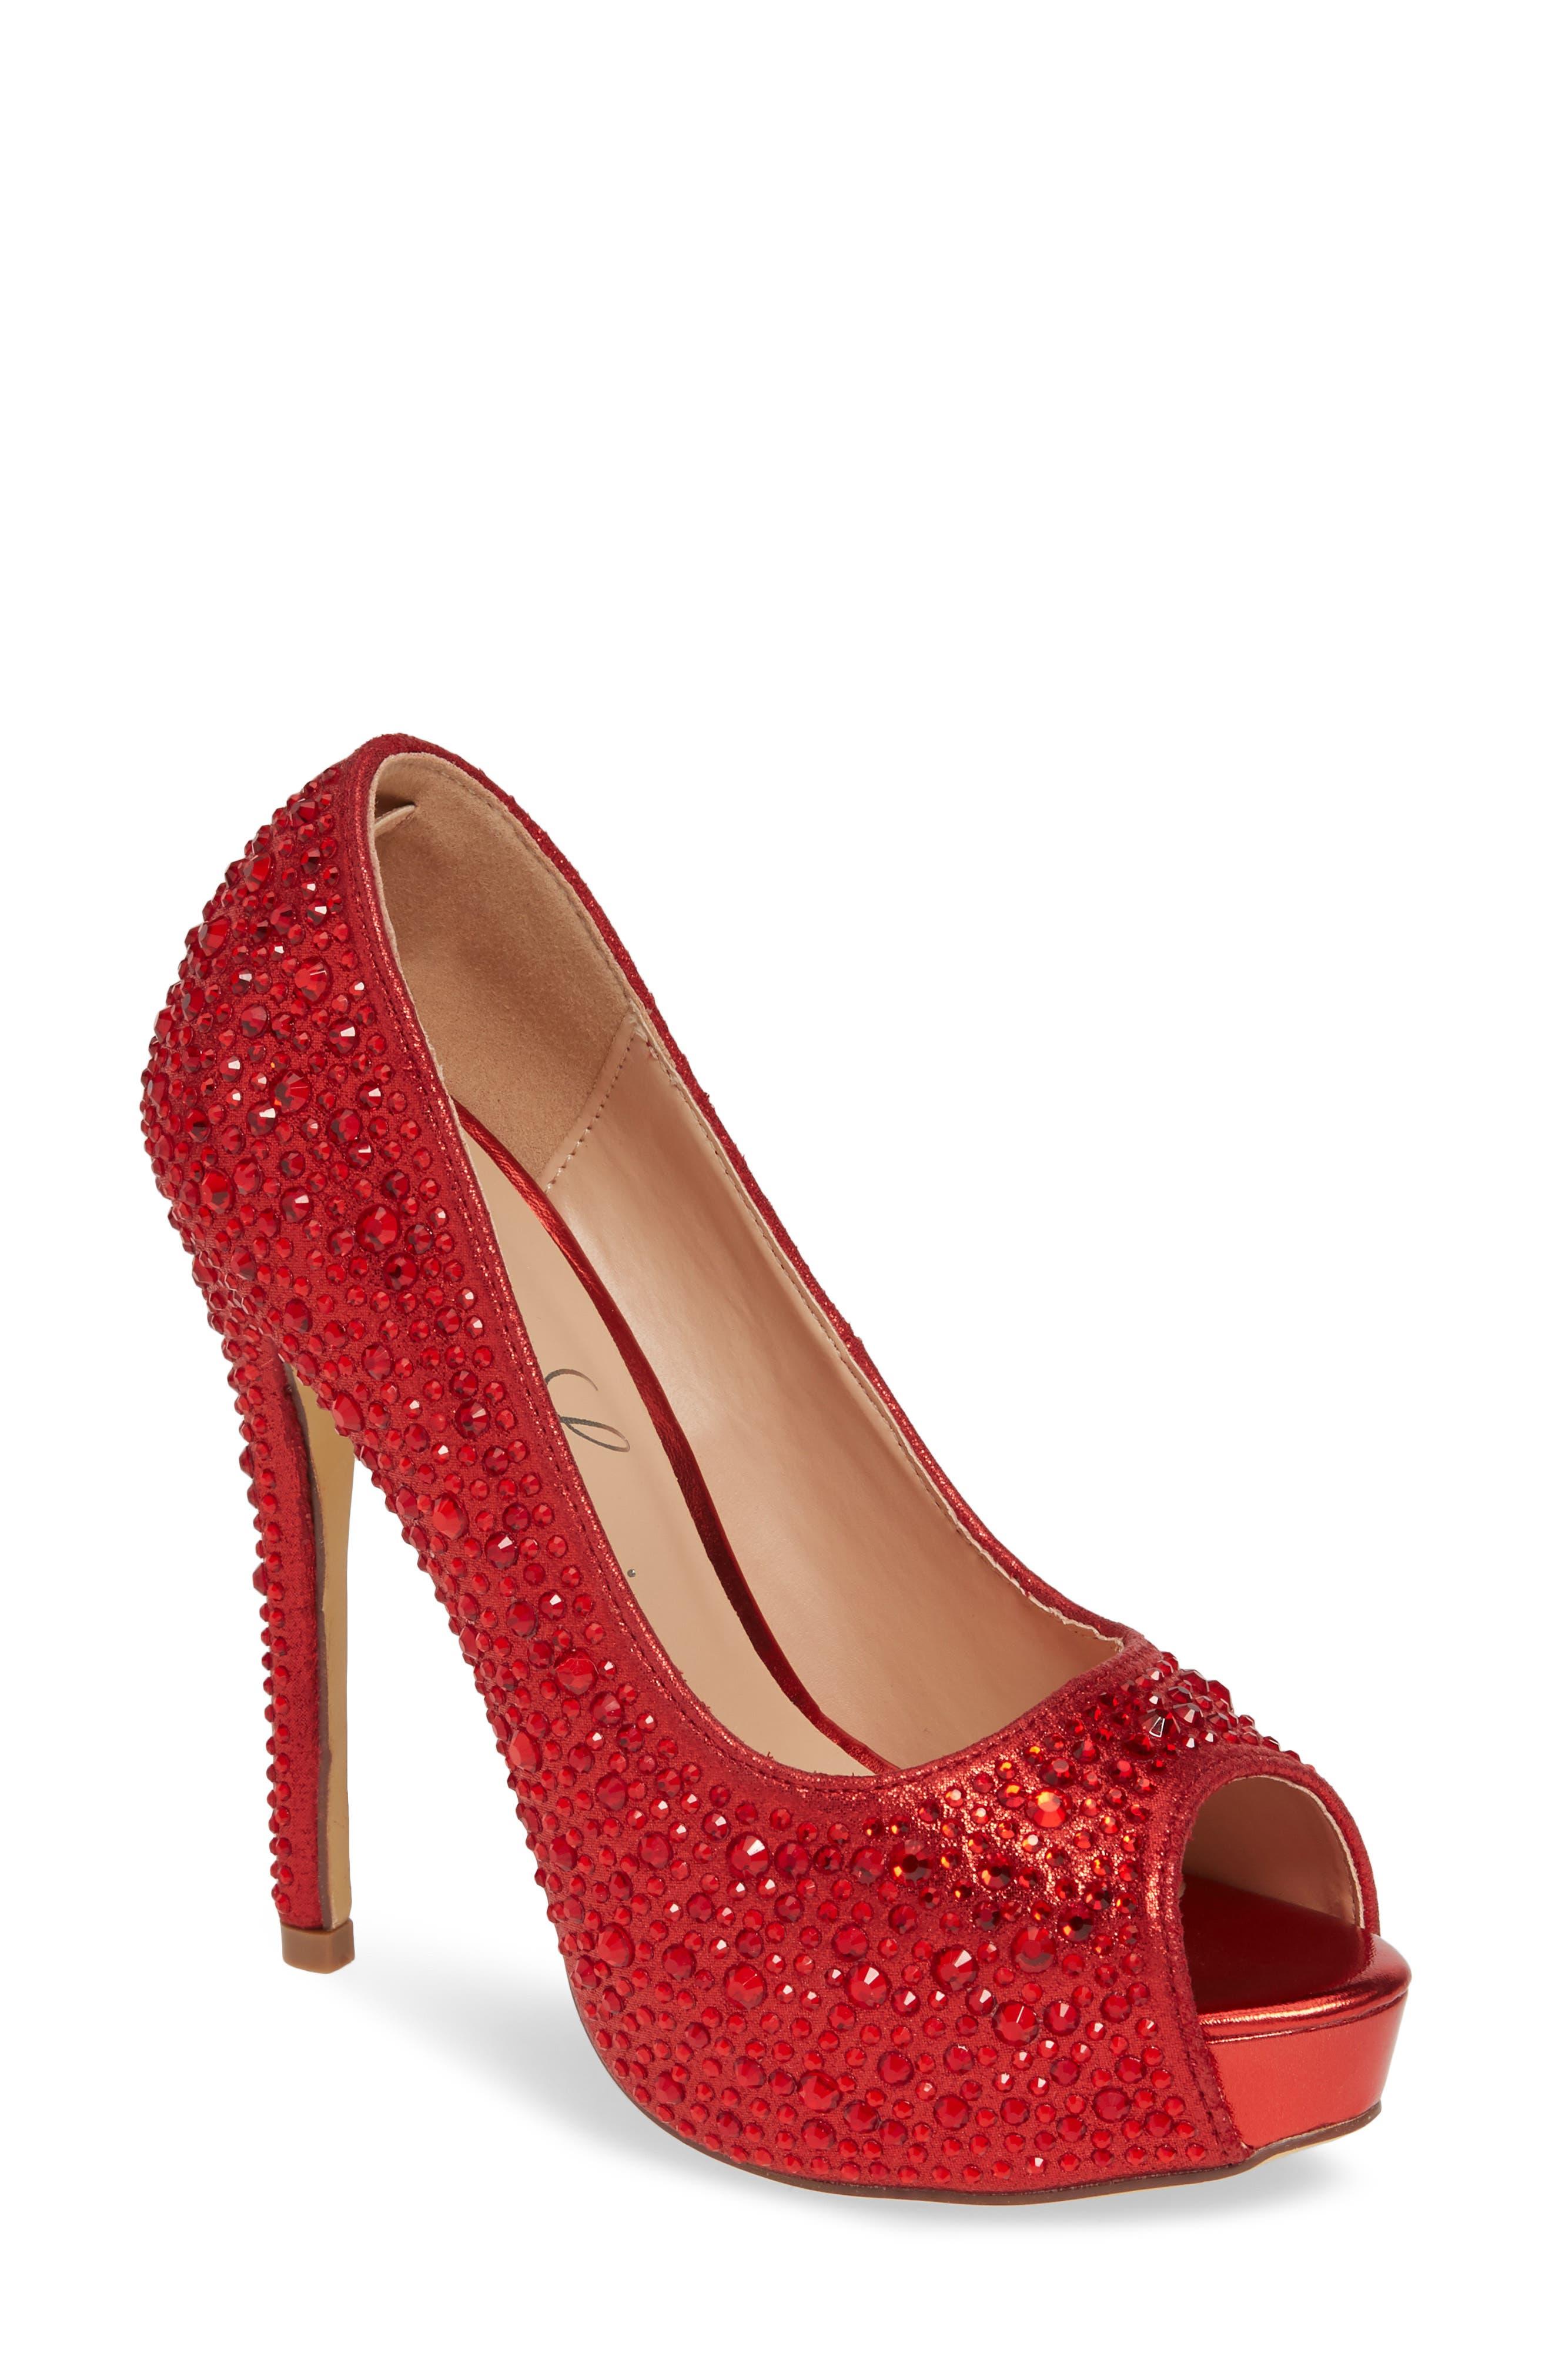 Lauren Lorraine Candy 6 Open Toe Pump- Red